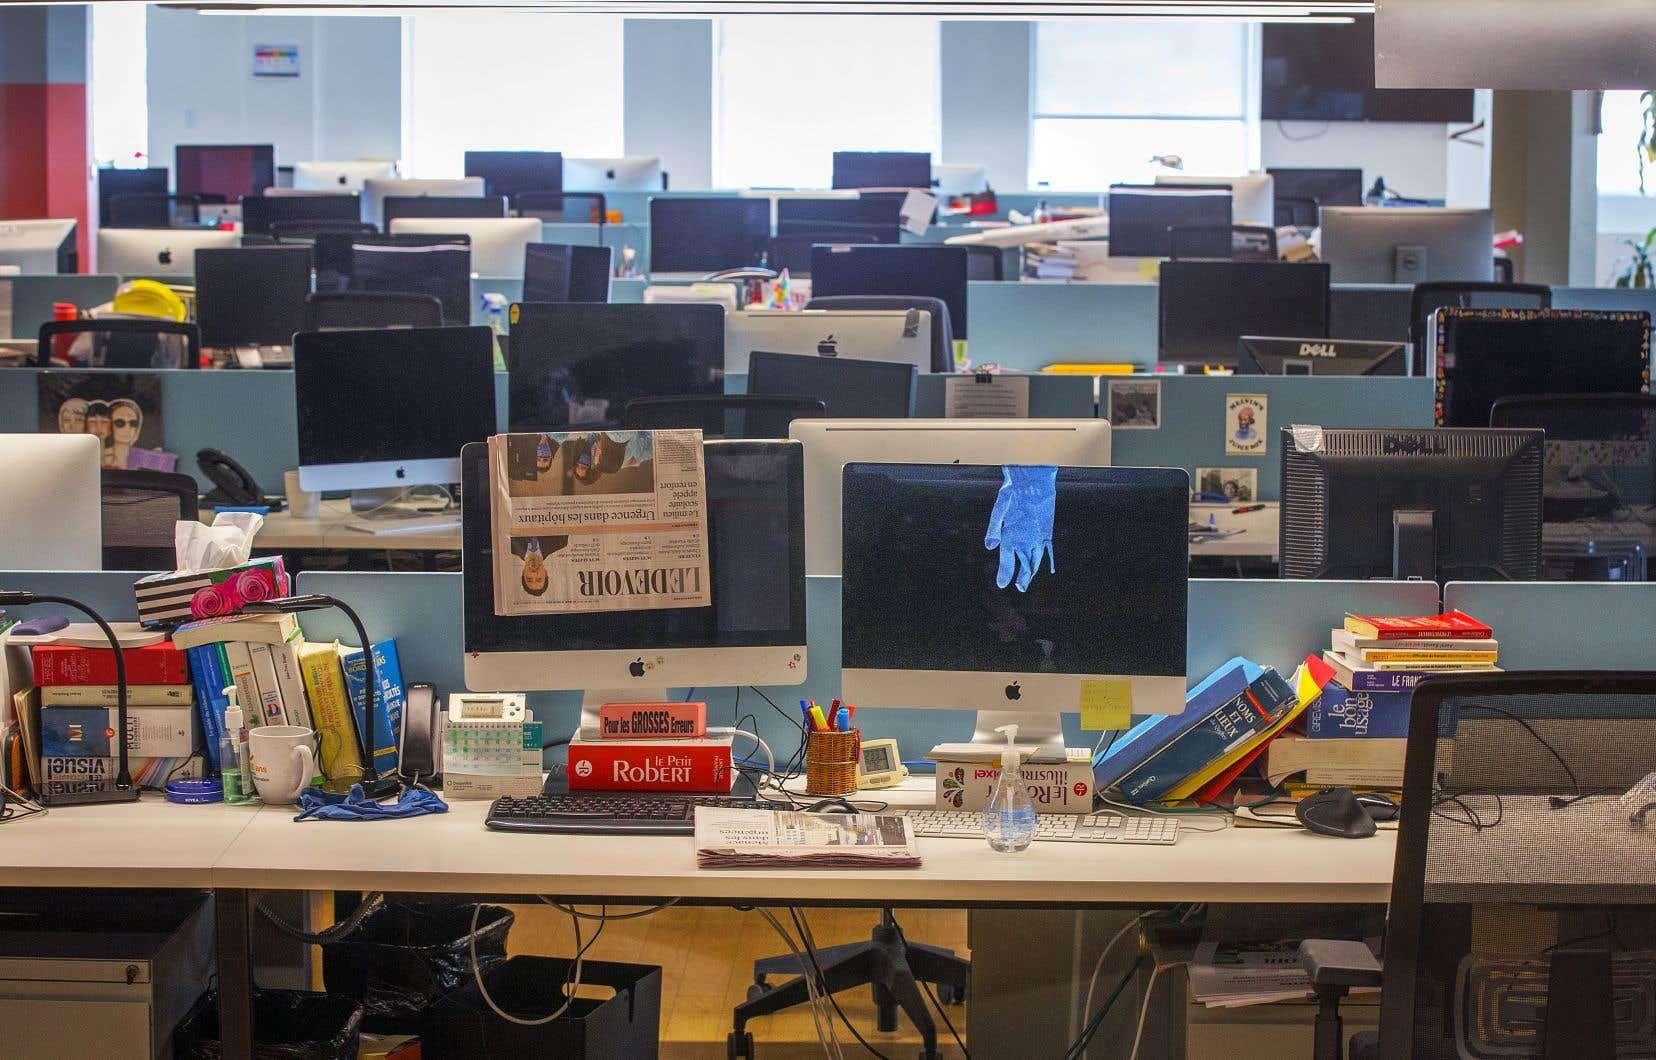 L'impossibilité de fréquenter ses collègues au quotidien et de profiter des petites discussions informelles qui rythment les journées au bureau engendre chez certains un isolement social.